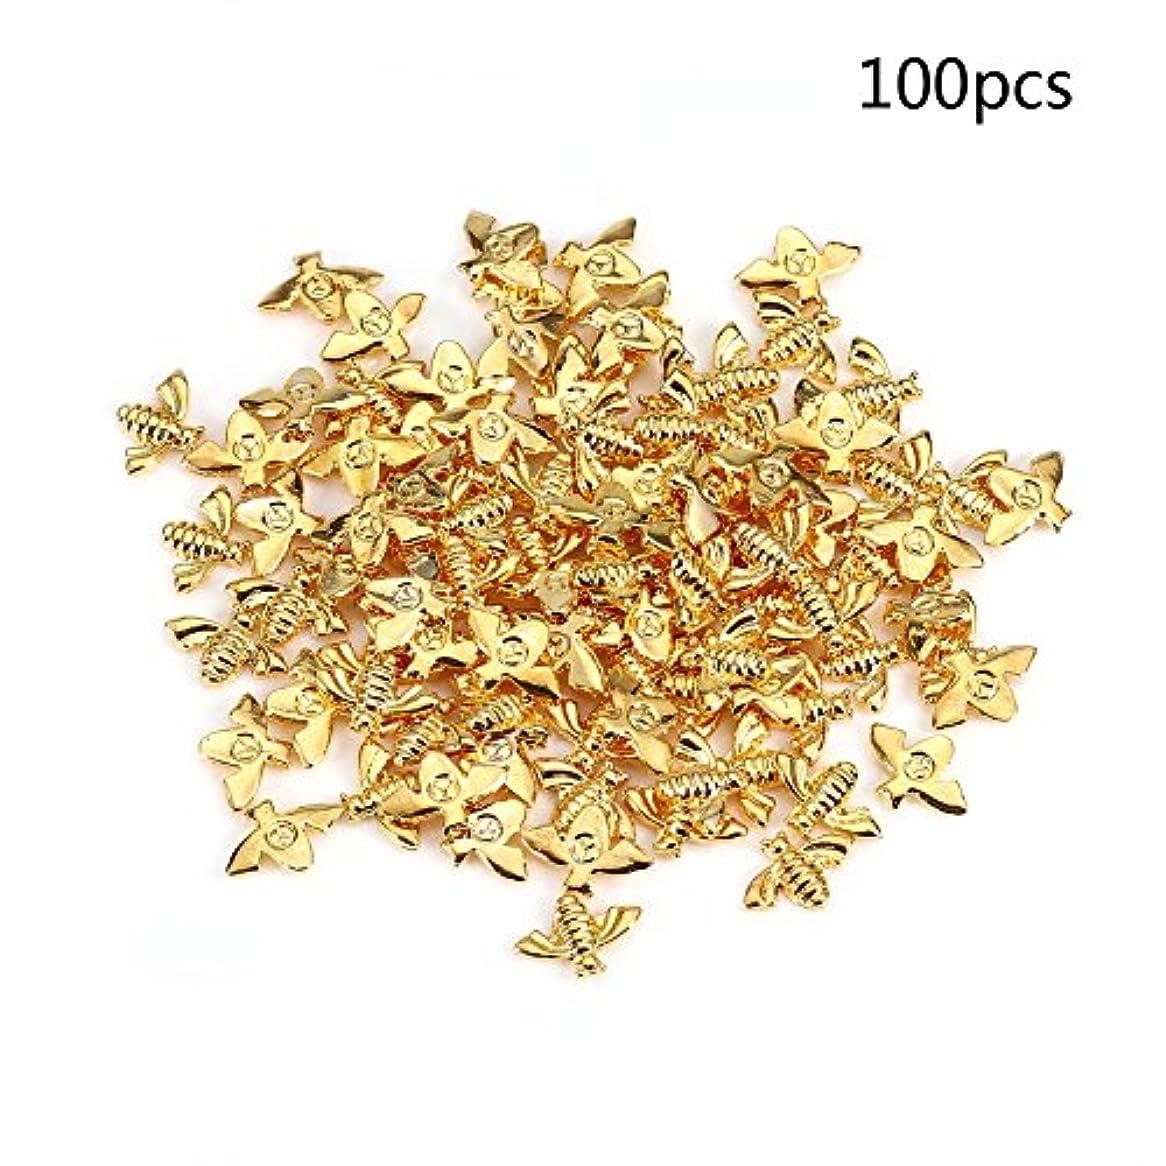 血まみれのバイアスネックレットメタルネイルデコレーション、2色100pcs / bag金属蜂3Dネイルデコレーションメタルスティックゴールドシルバーネイルデカールマニキュア (ゴールド)